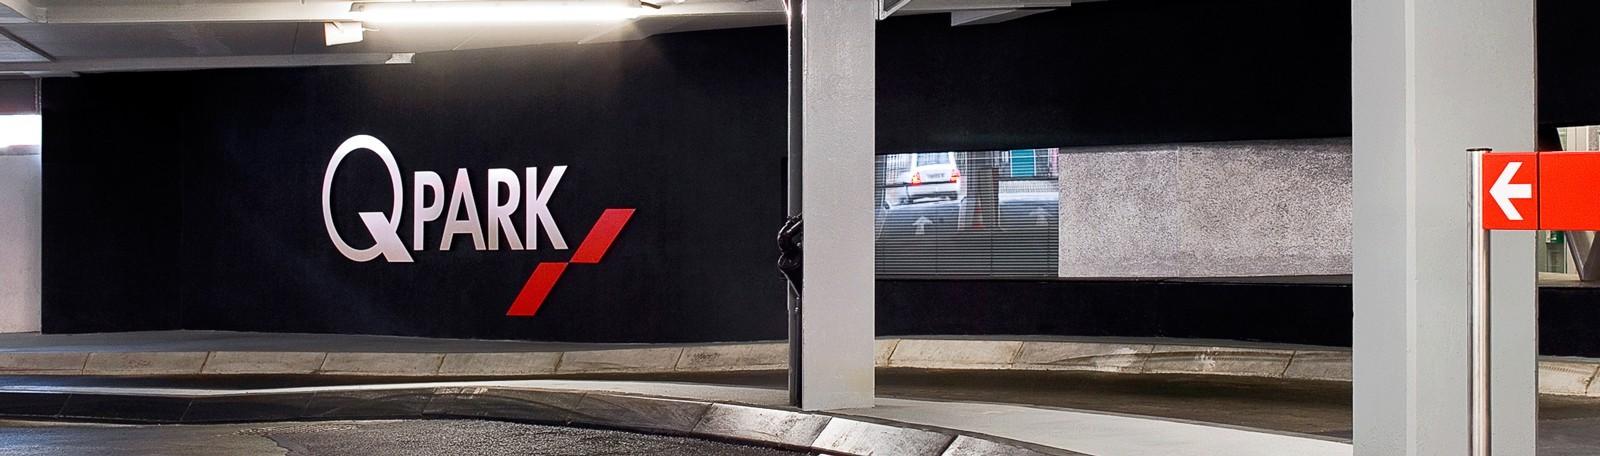 Parking Gare SQY - Parkeren in Montigny-le-Bretonneux | Q-Park